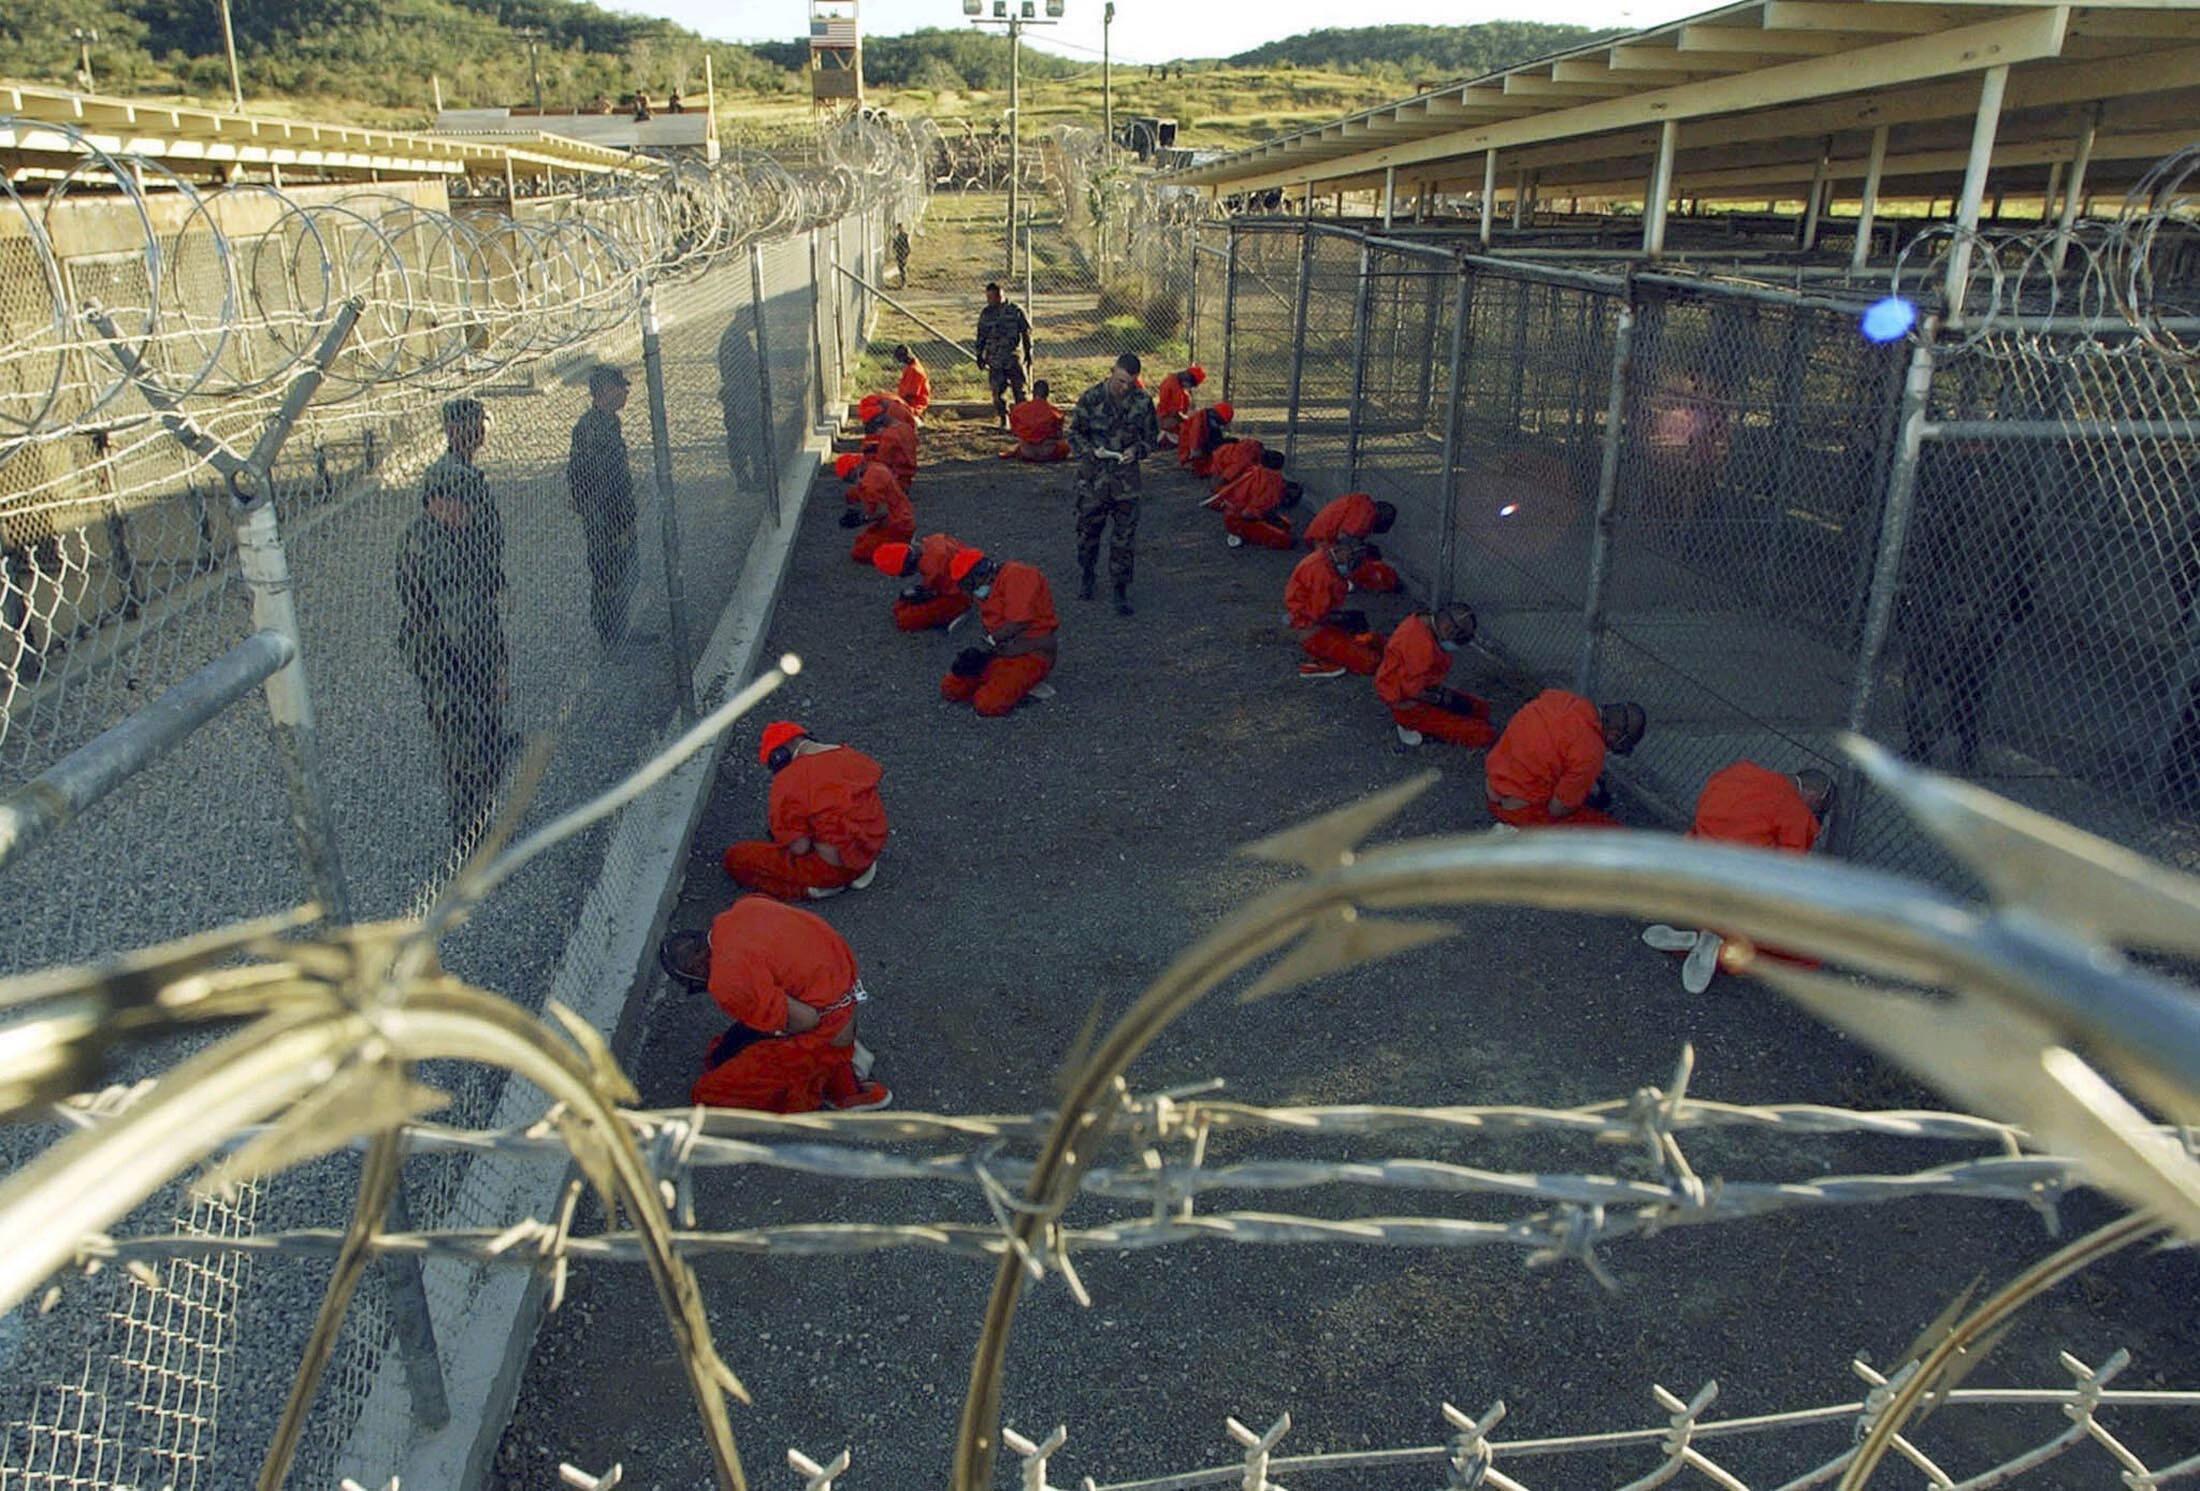 Des détenus vêtus de la tenue orange, agenouillés dans la prison à ciel ouvert de Guantanamo, à Cuba, le 11 janvier 2002.